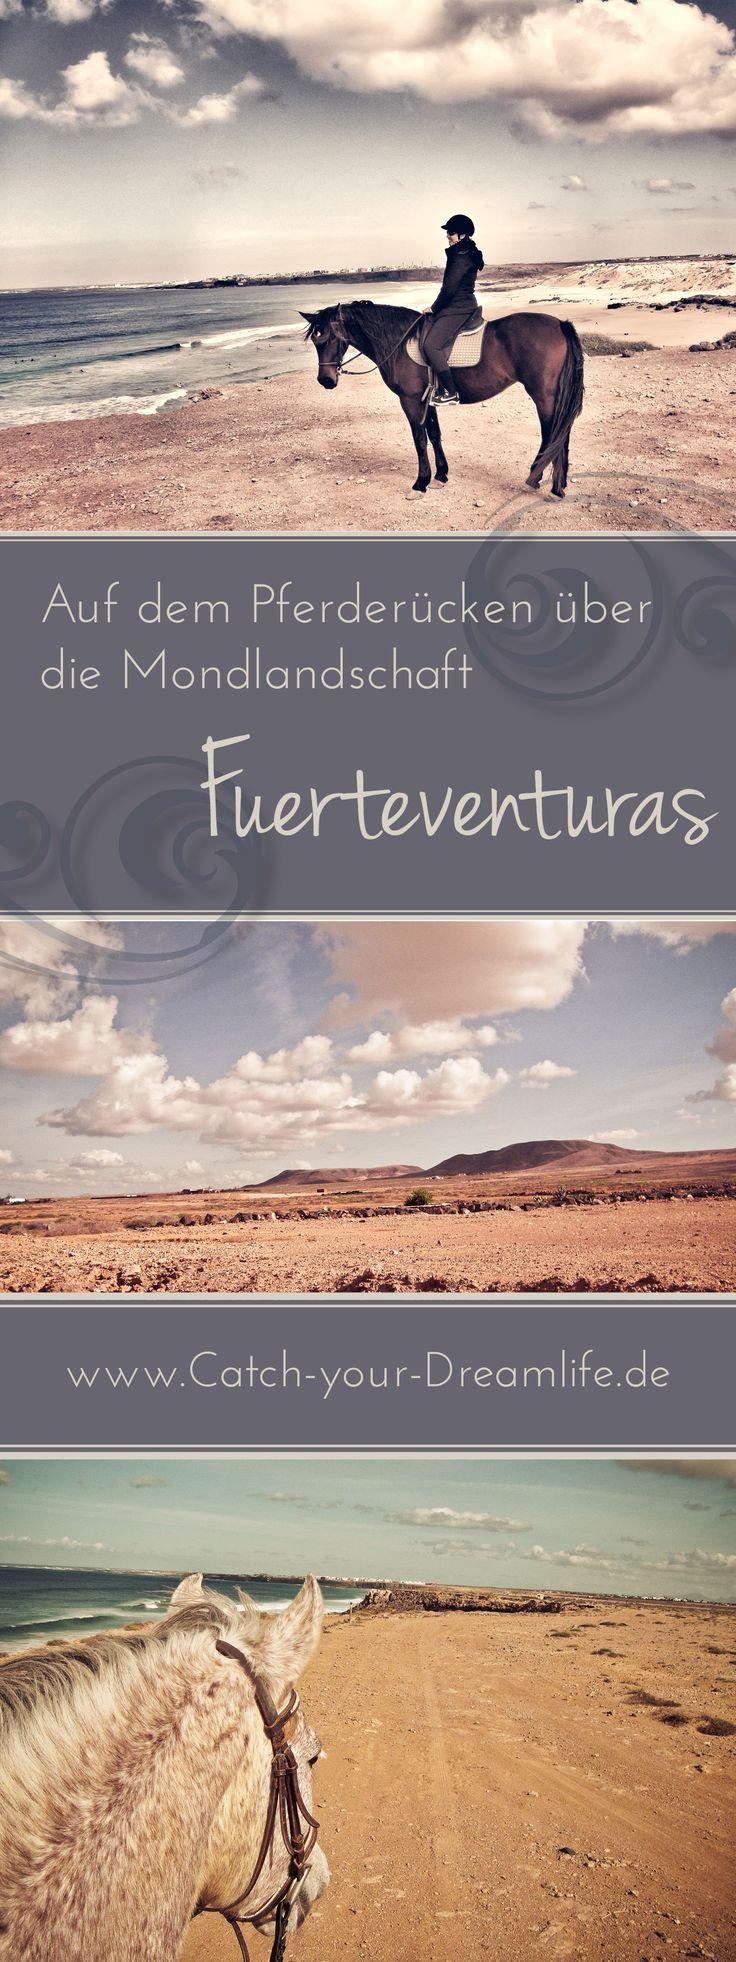 Im Urlaub auf dem Pferderücken über die Mondlandschaft Fuerteventuras, Spanien reiten. Das Reiten am Strand ist immer ein besonderes Erlebnis.